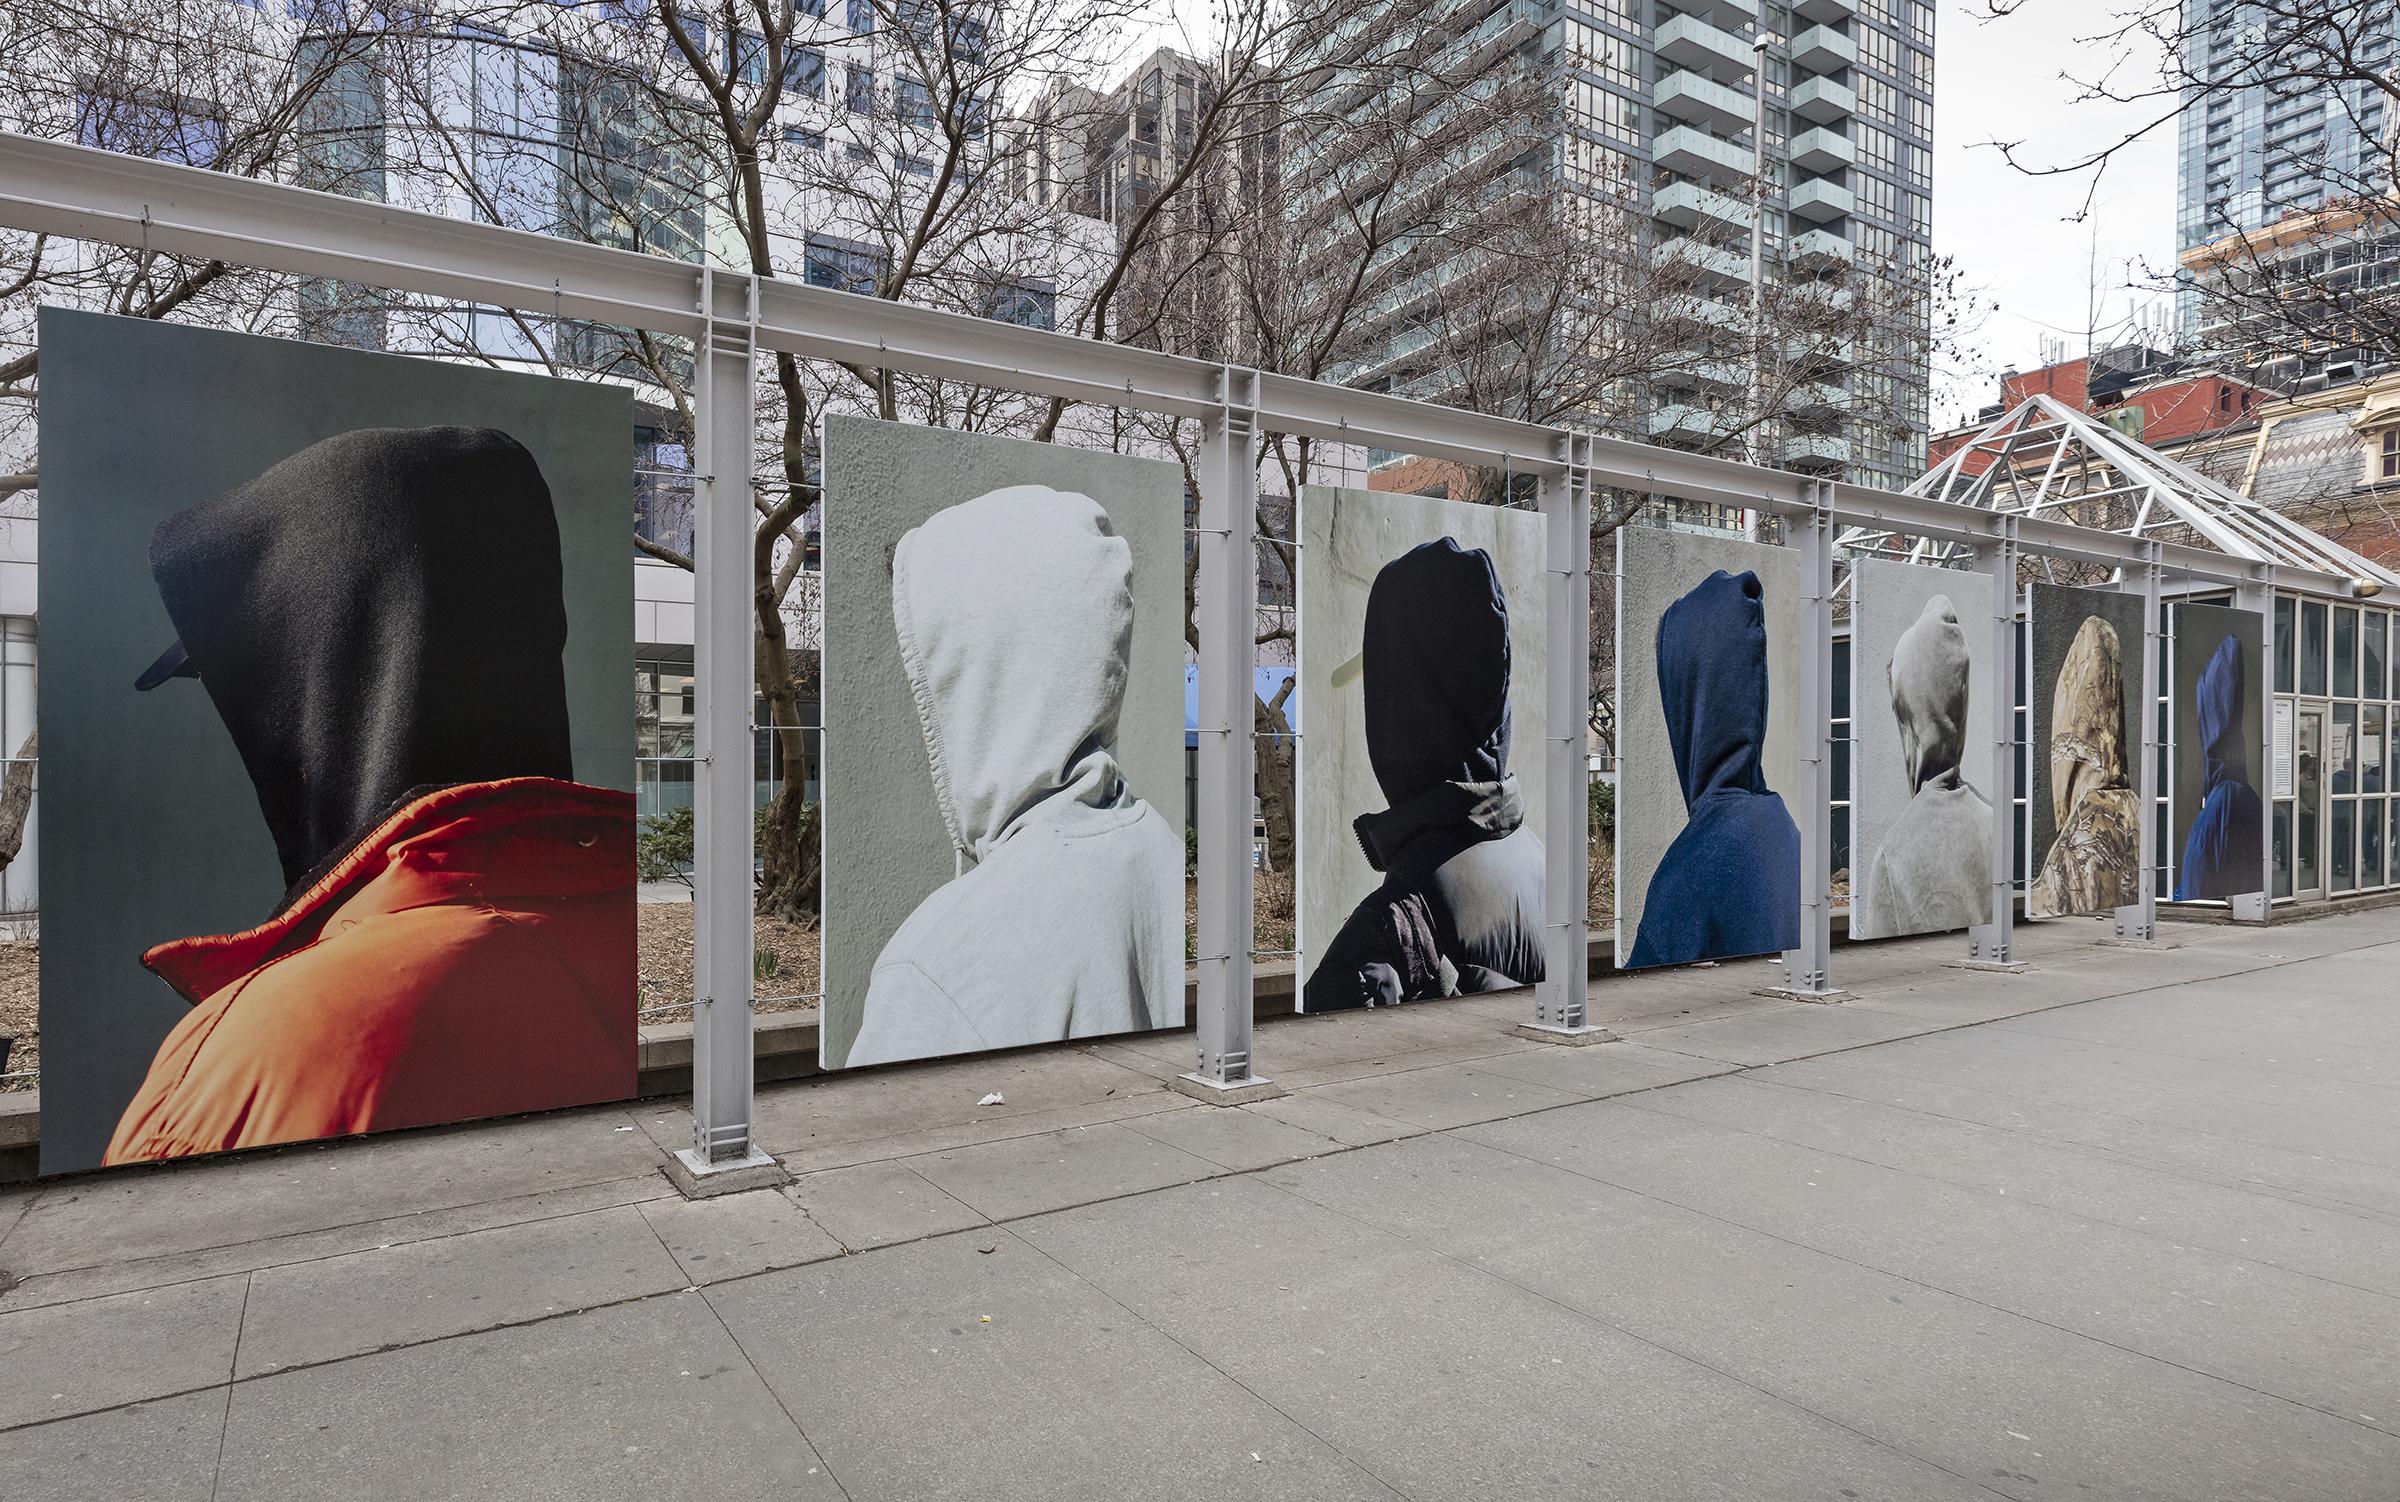 John Edmonds, Hoods, 2018. Installation at Metro Hall. Photo by Toni Hafkenscheid